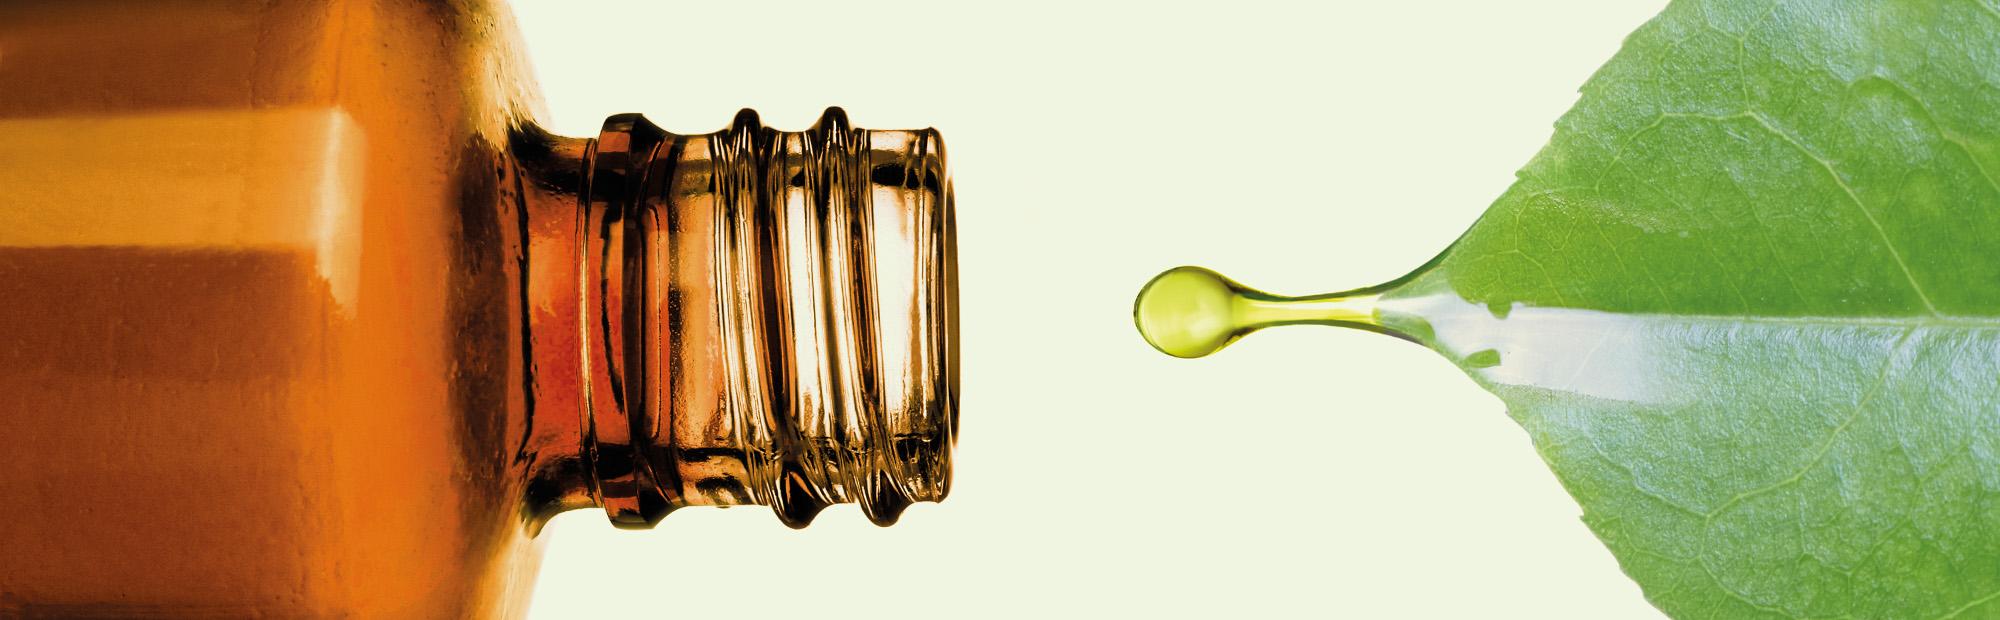 Zu sehen ist die Öffnung einer braunen Glasflasche und ein grünes Blatt, von welchem ein Tropfen in die Flasche tropft.